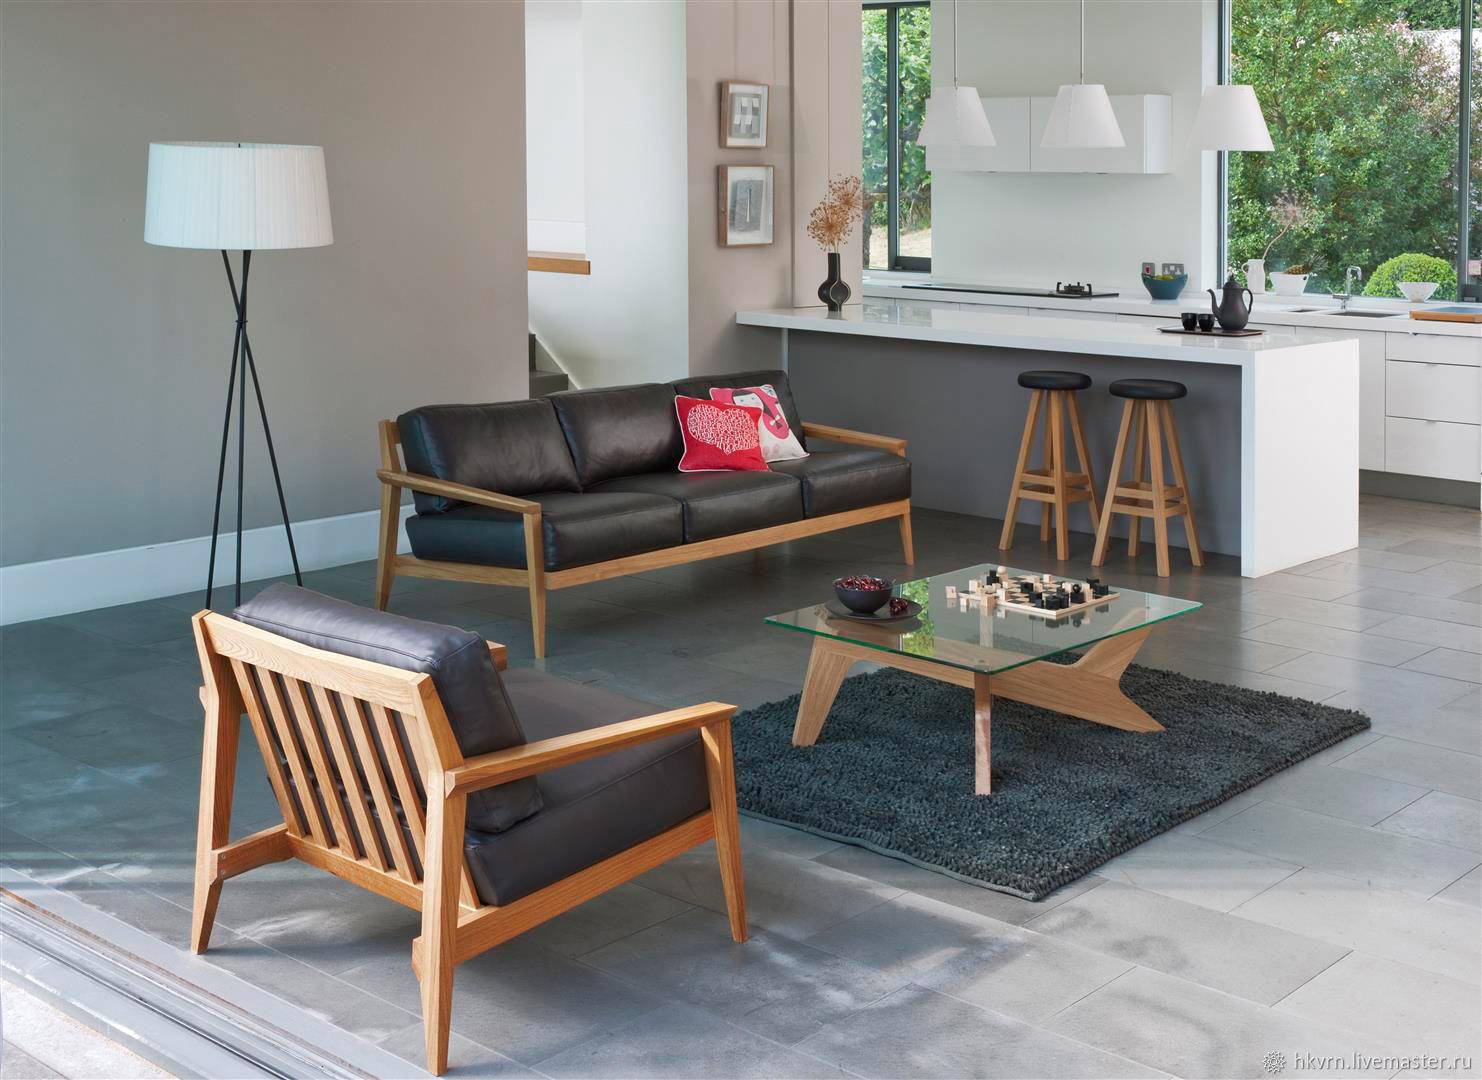 Мебель ручной работы. Ярмарка Мастеров - ручная работа. Купить Современная мягкая мебель. Handmade. Мебель, гостинный гарнитур